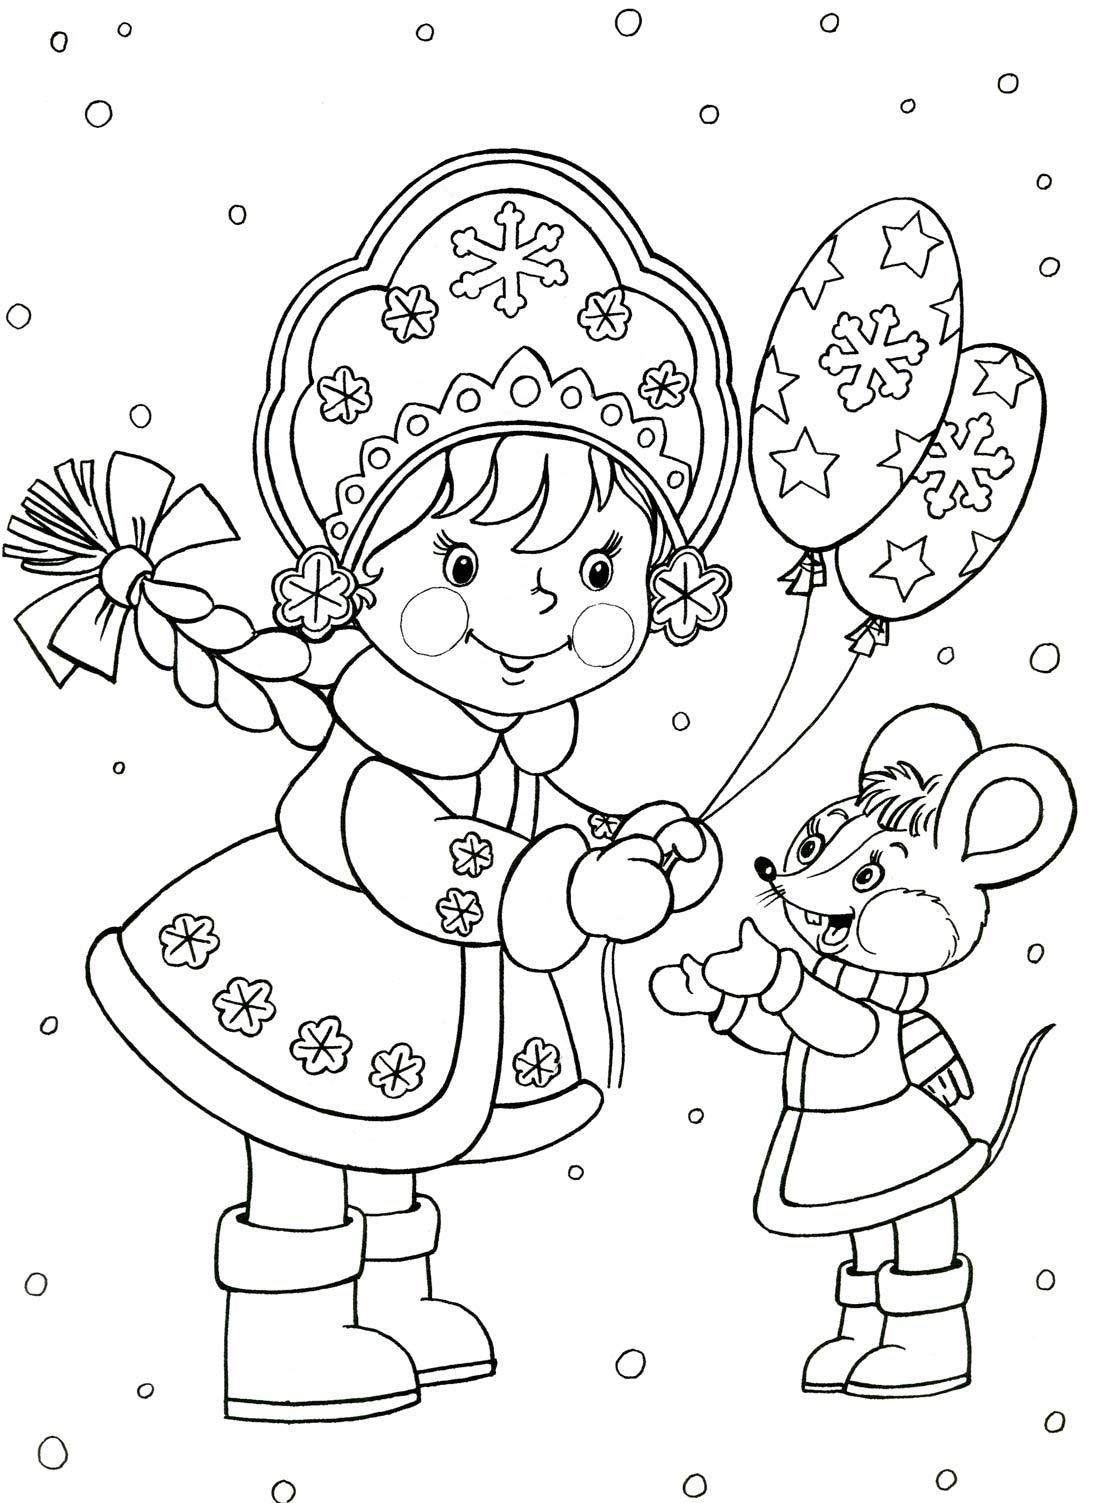 Снегурочка дарит шары Раскраски зима скачать бесплатно